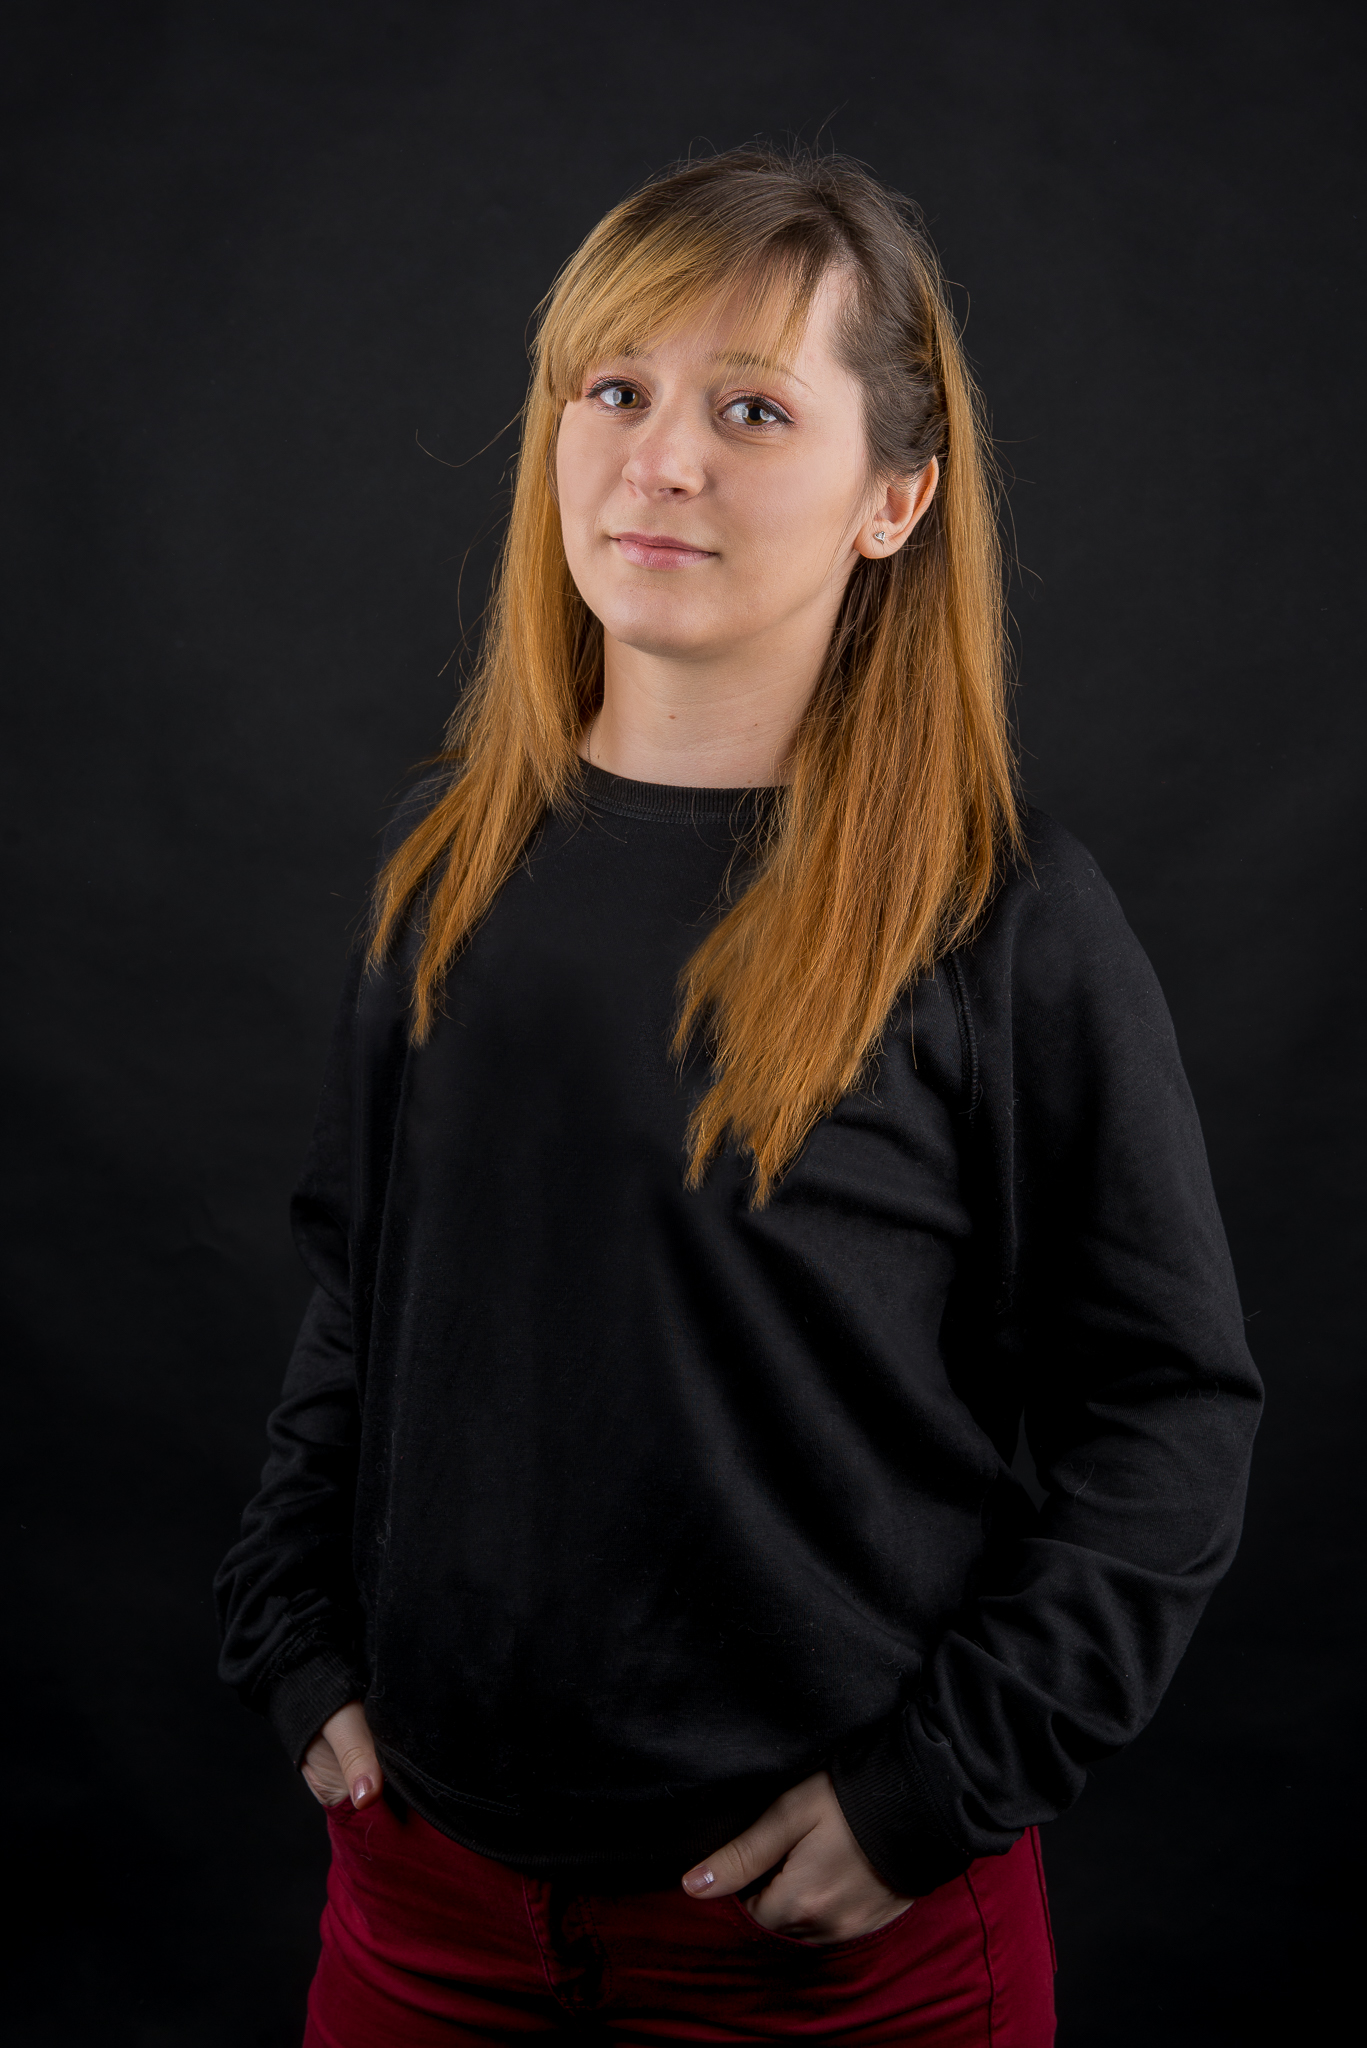 Joana Nikolova